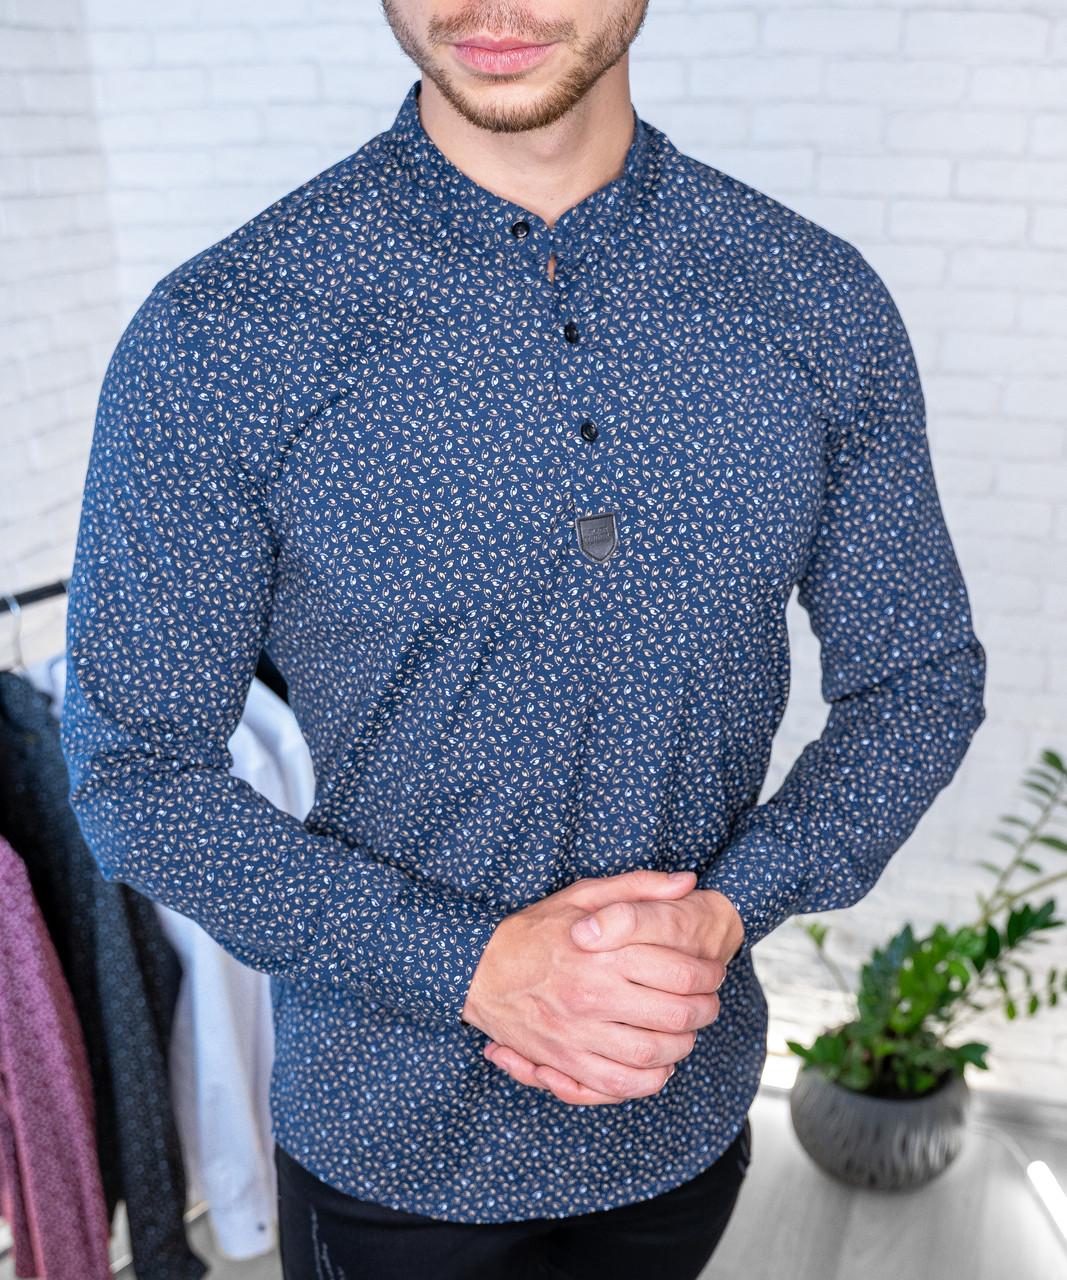 Мужская рубашка Черная с рисунком 3 пуговицы/ Турция Синий